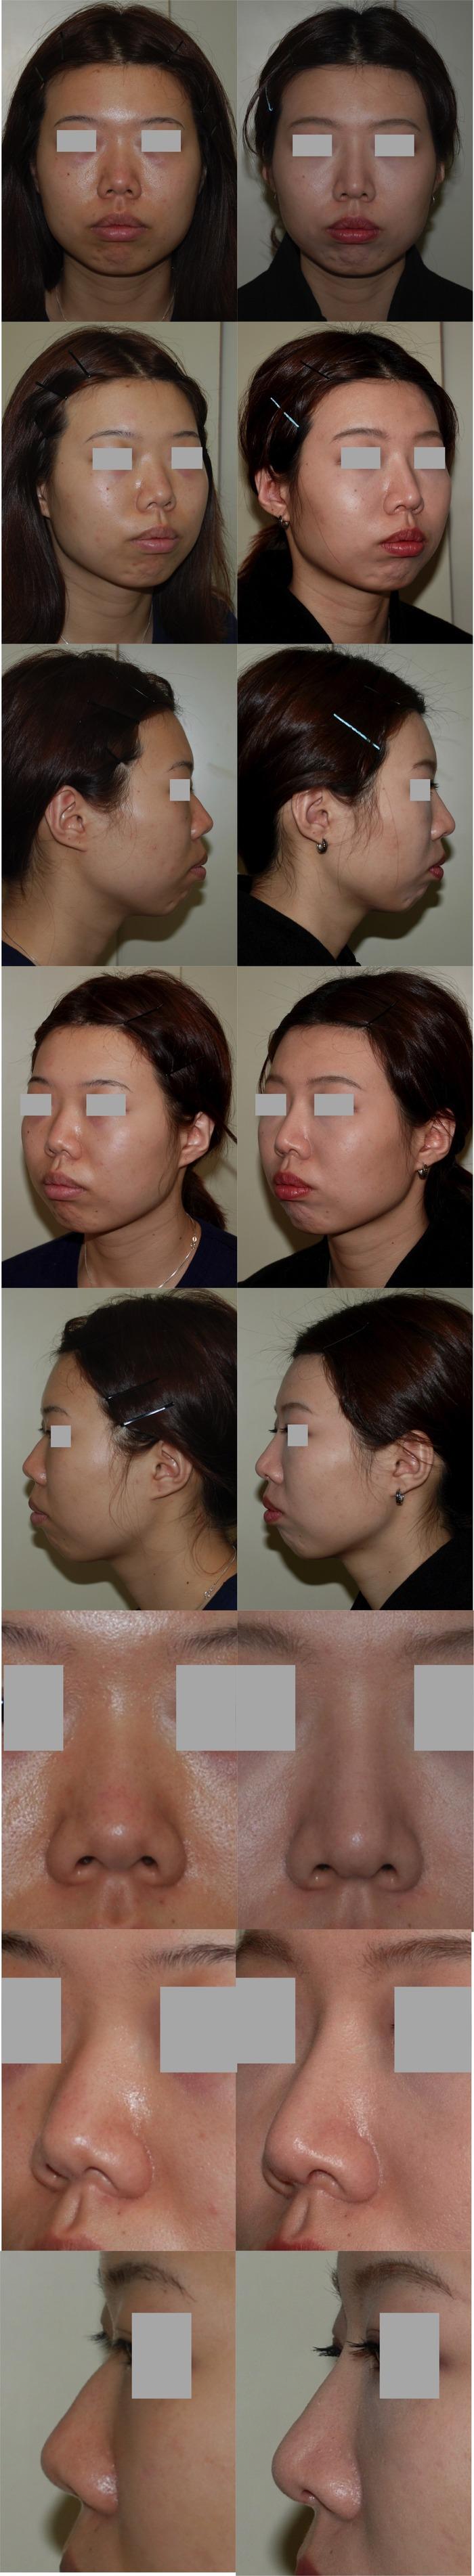 鼻中隔延長術 隆鼻術 術後1ヶ月01